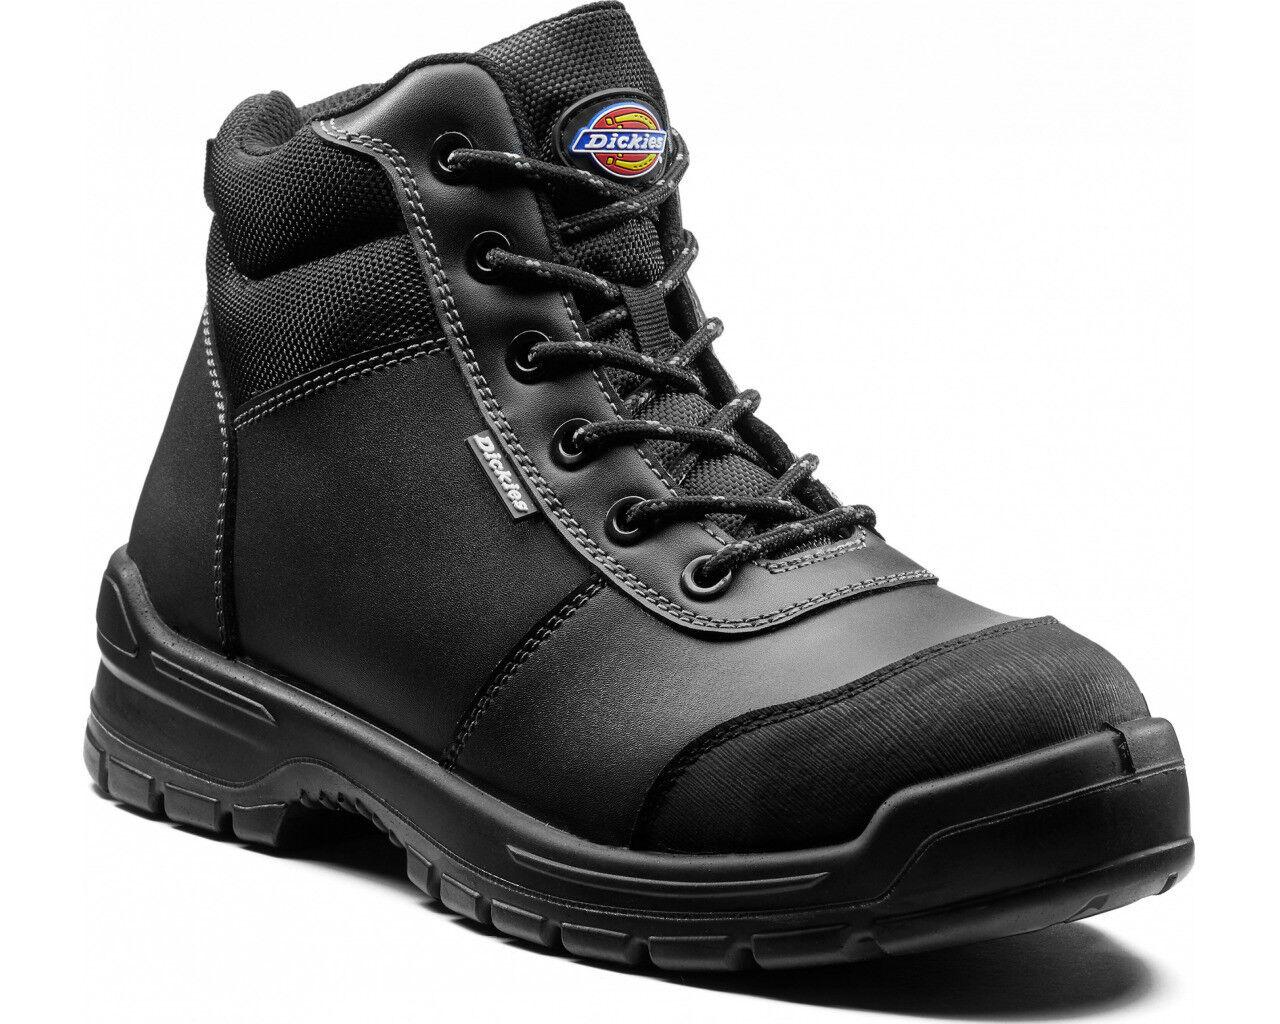 Al Hombres Botas Zapatos Agua Dickies Resistente Seguridad Andover YqBpx474H